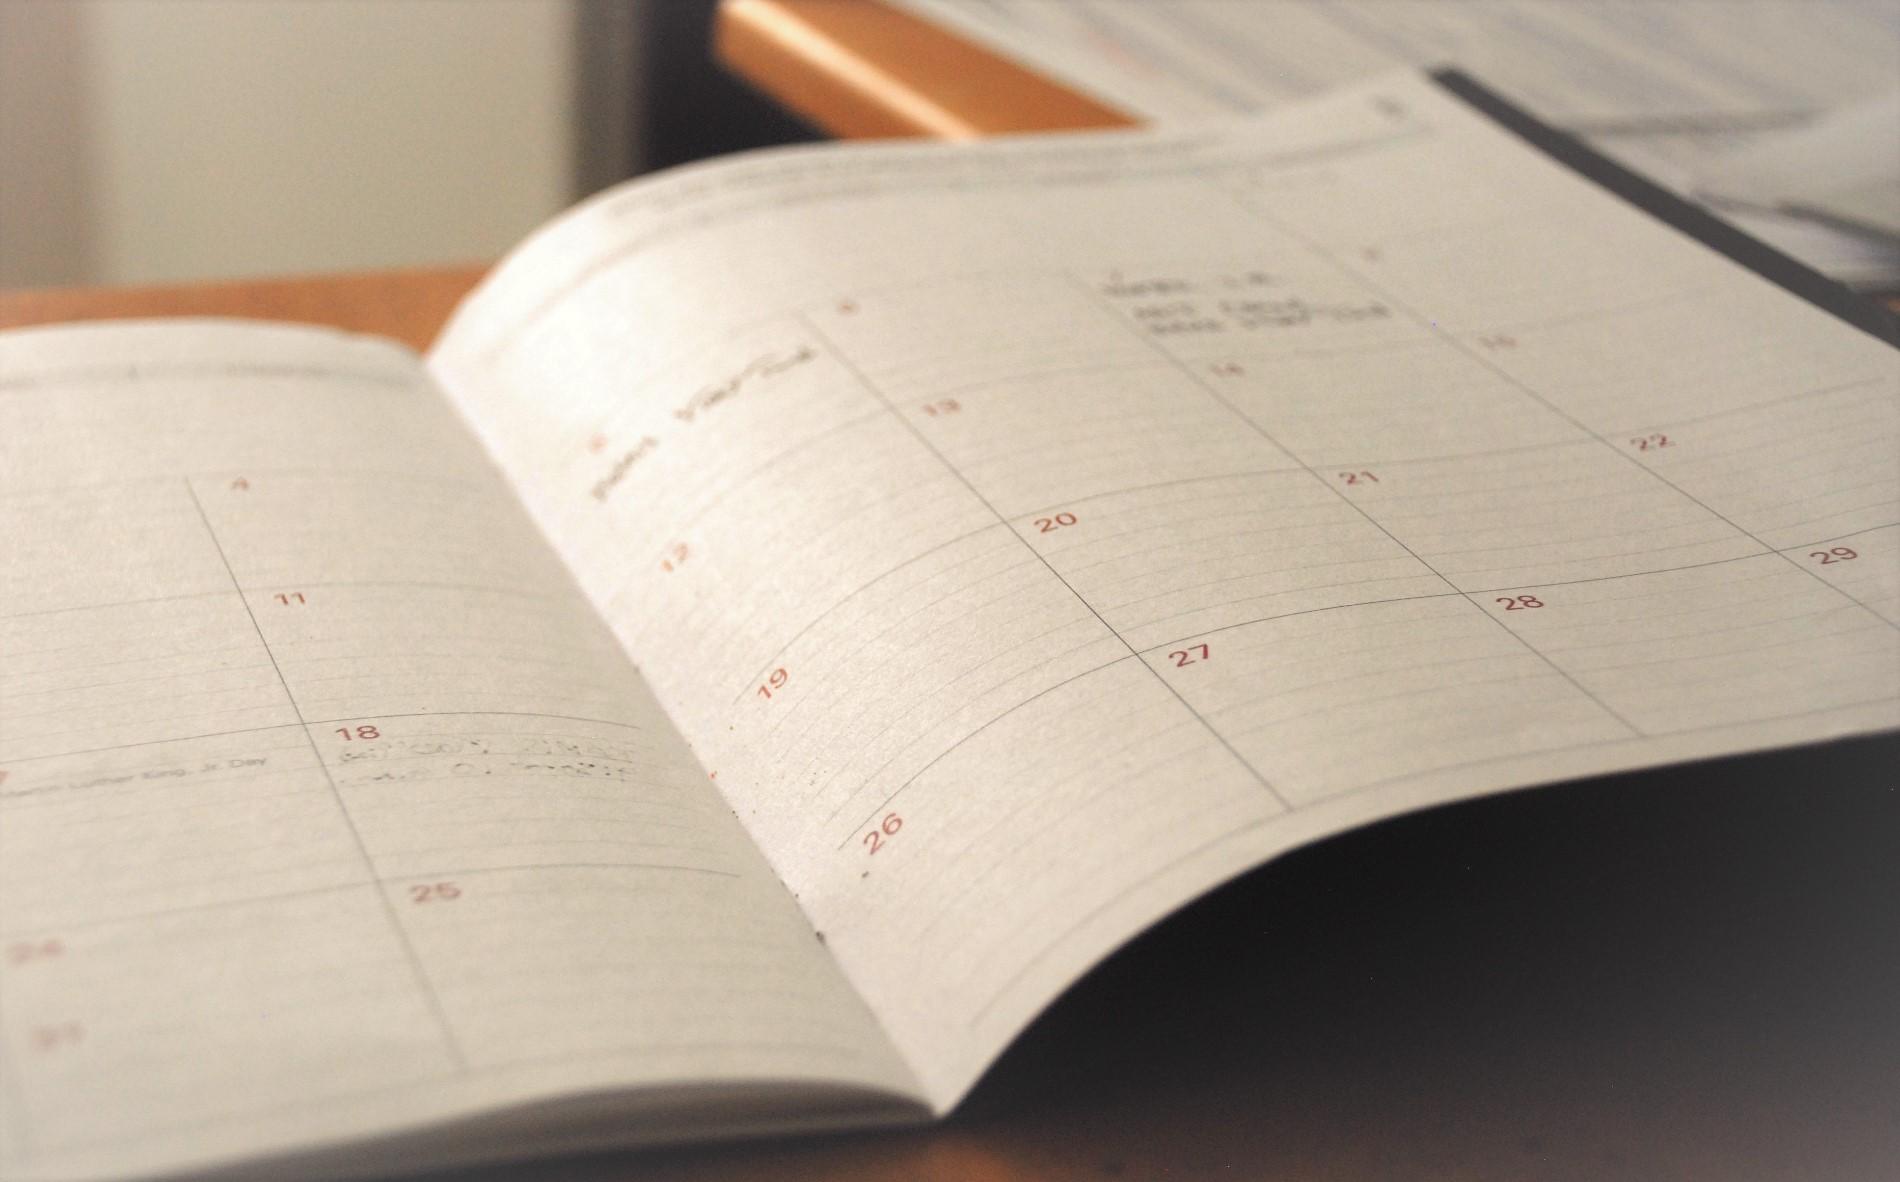 Kalender mit Lernplan